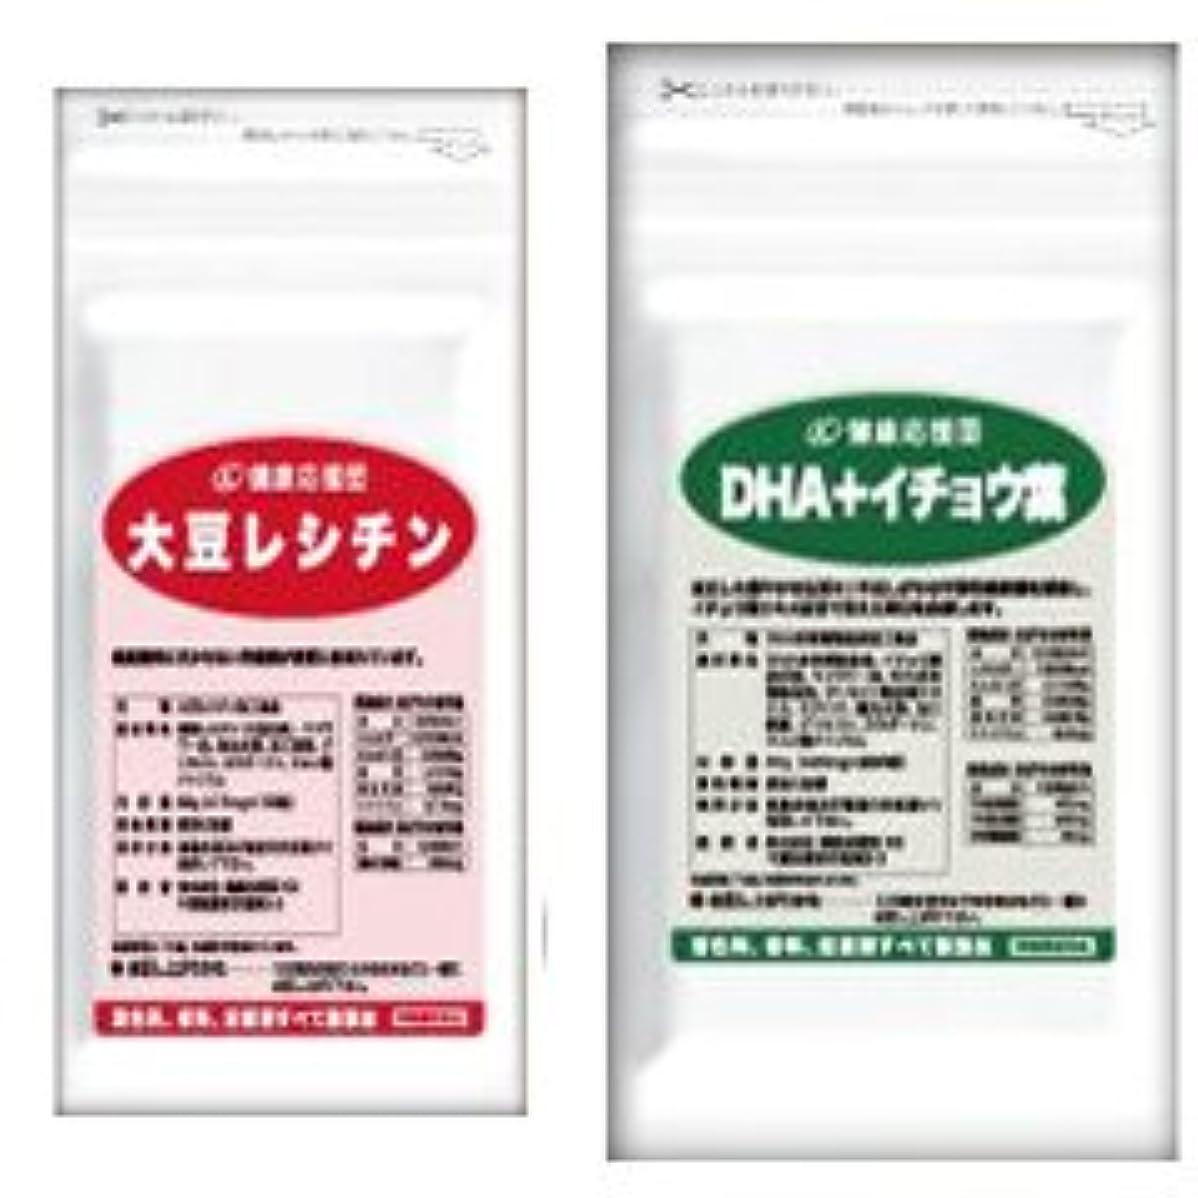 インサートお尻衣服(お徳用3か月分)流れサラサラセット 大豆レシチン+(DHA+イチョウ葉)3袋&3袋セット(DHA?EPA?イチョウ葉)